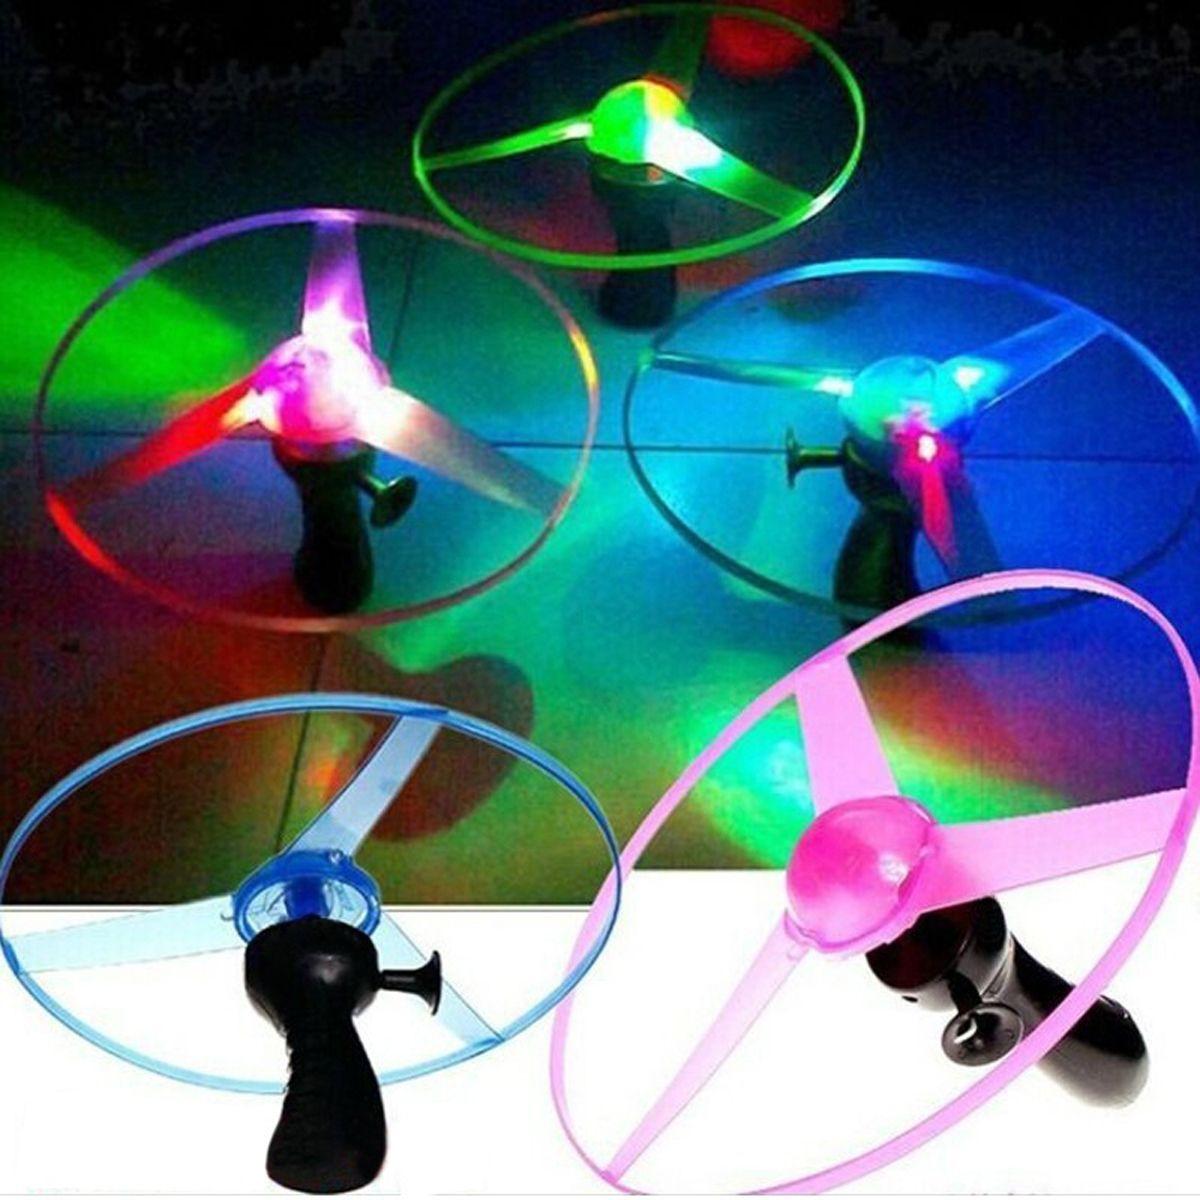 2017 hohe Qualität 1 stücke Grün/Blau Farbe Zufällig Spin LED Blinklicht Hubschrauber Fliegende Untertasse UFO kinder Outdoor Spielzeug